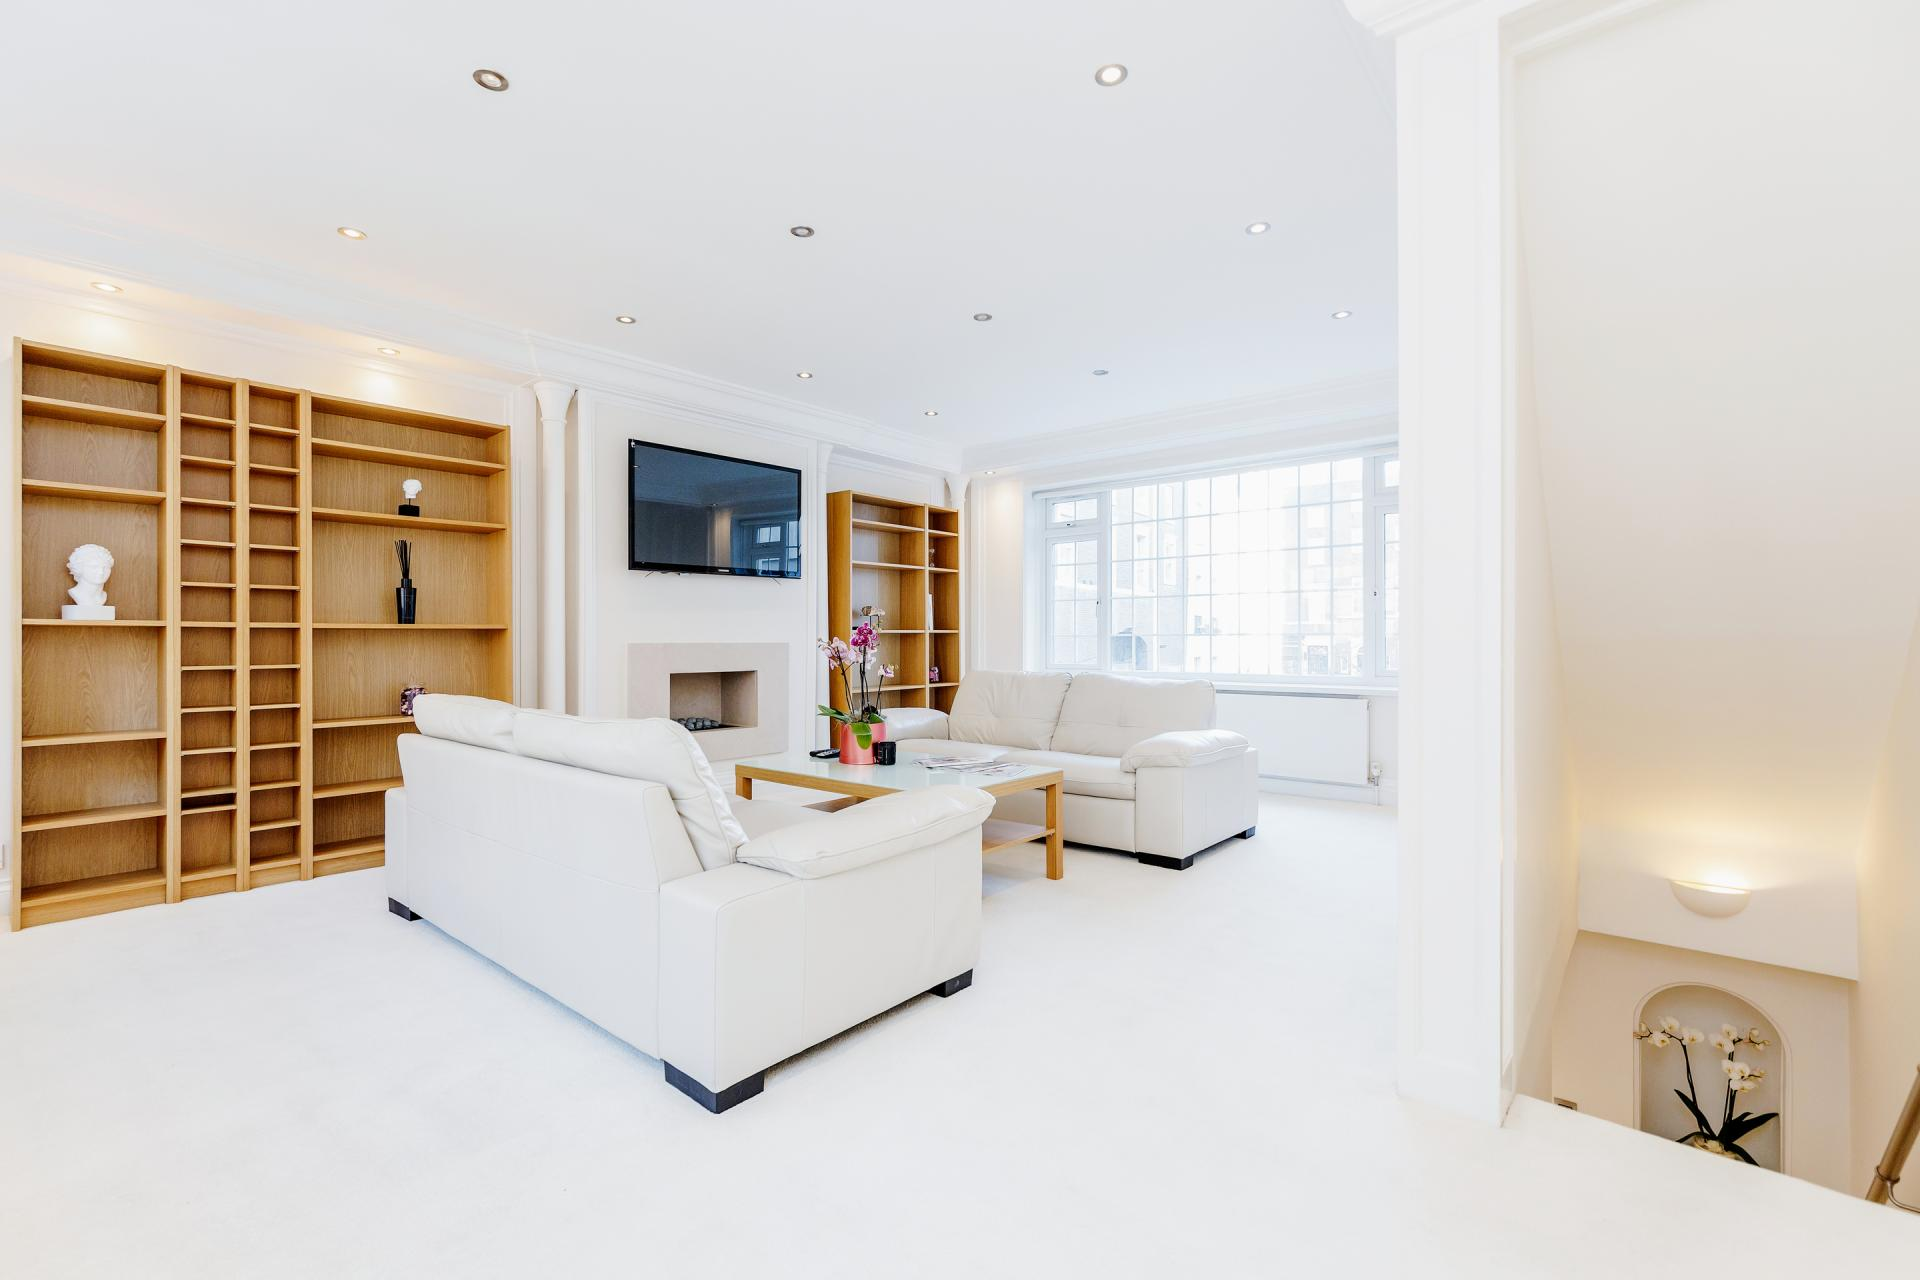 Sofa at Mayfair House, Mayfair, London